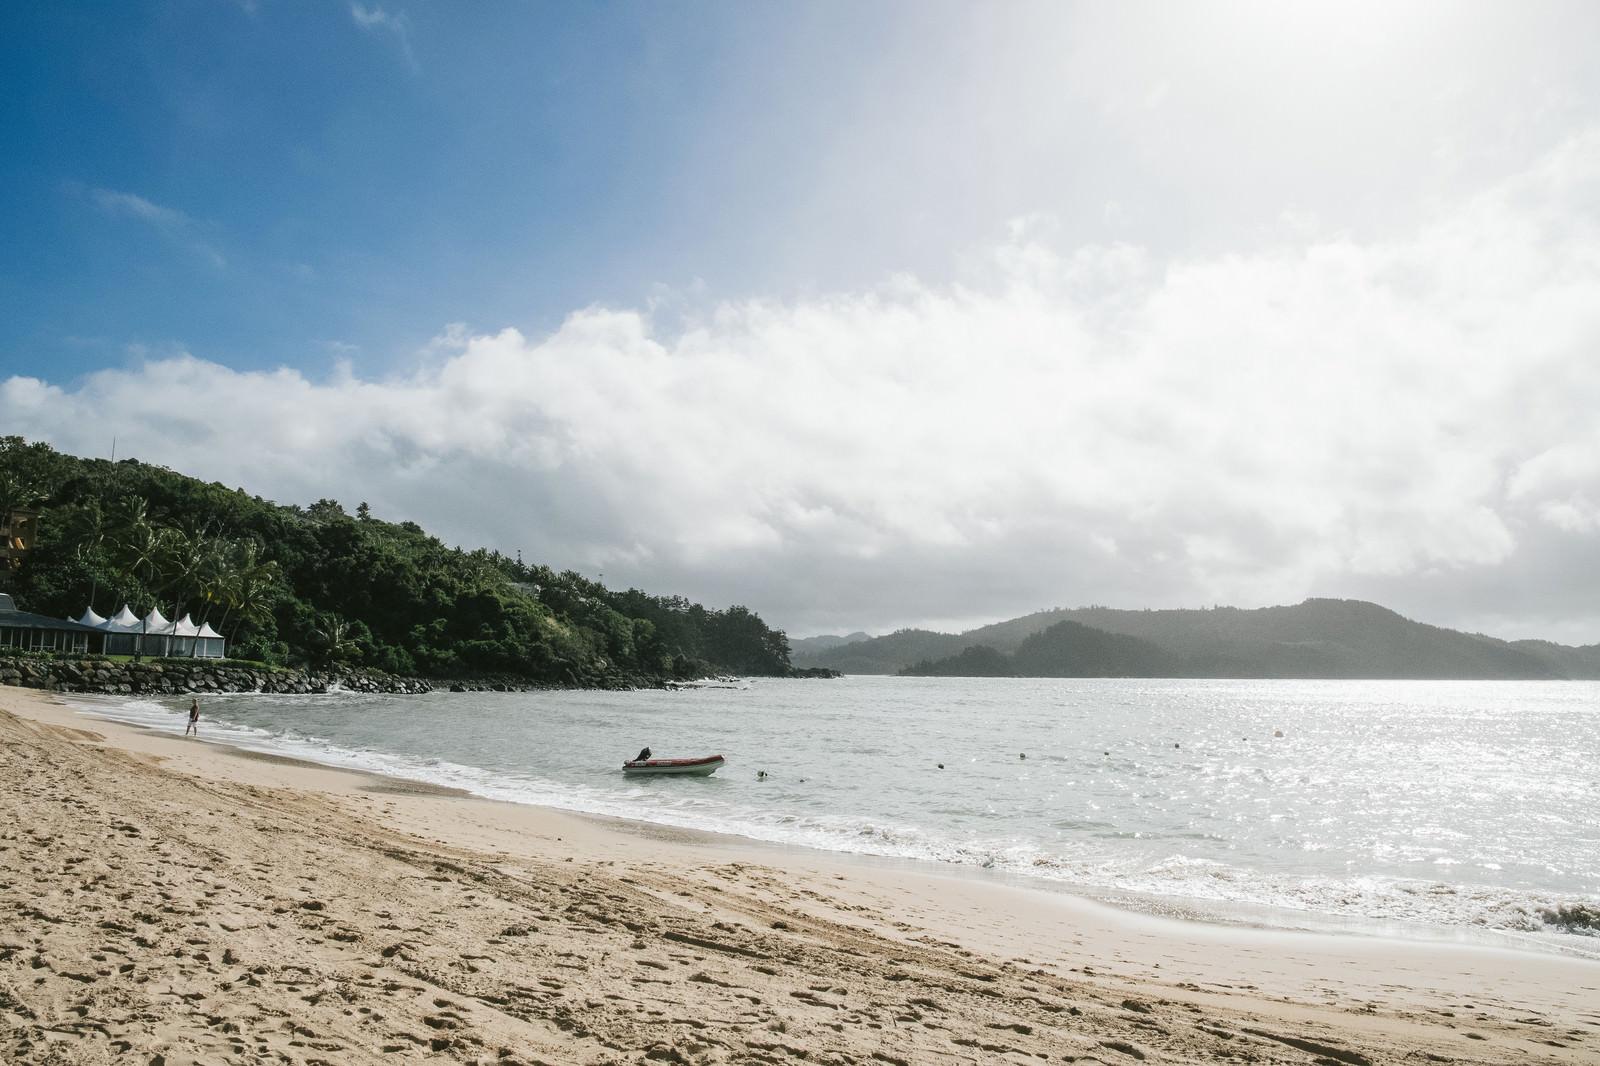 「晴れた日の砂浜」の写真